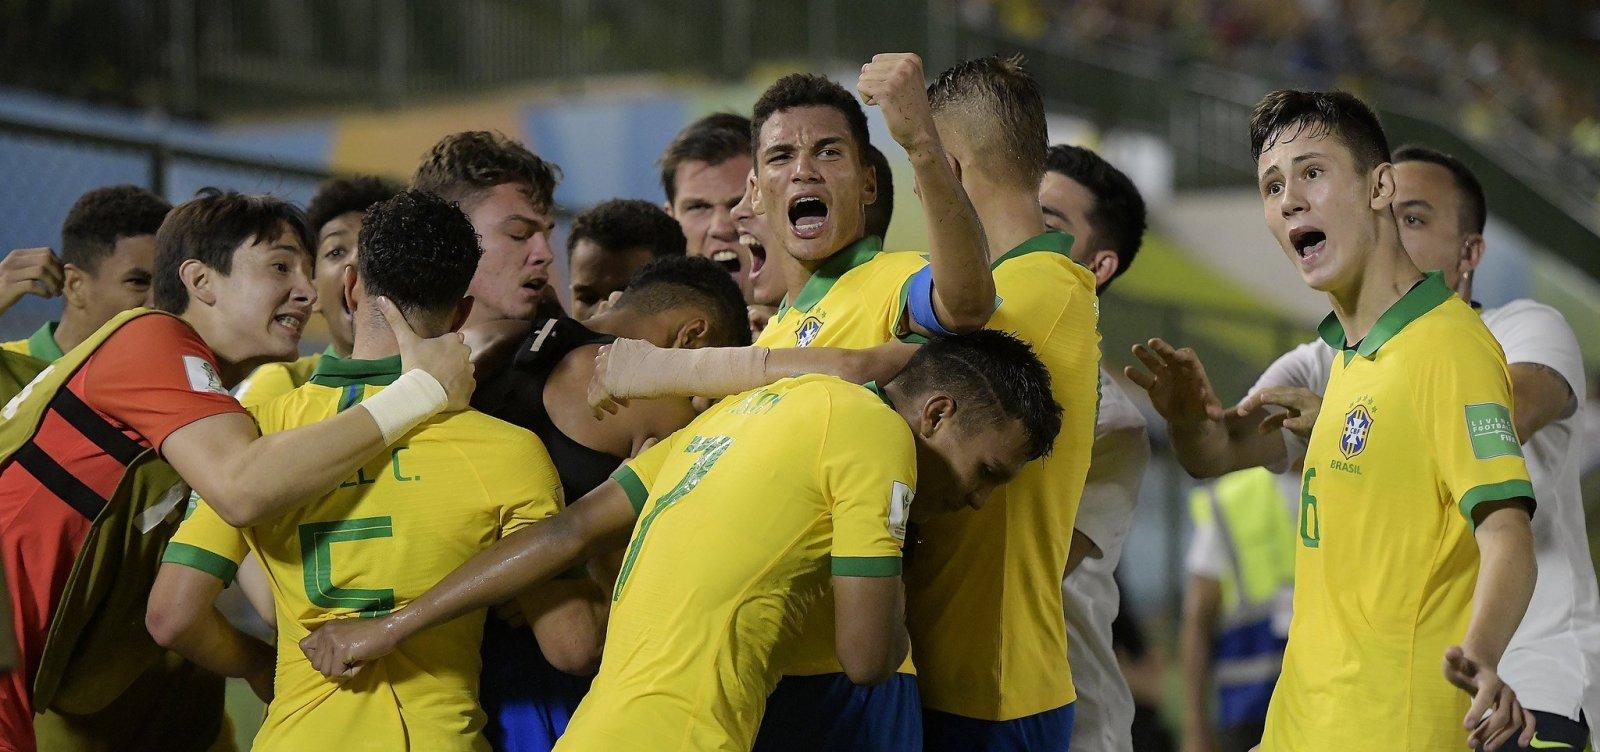 De virada, Brasil bate França por 3x2 e disputa decisão do Mundial Sub-17